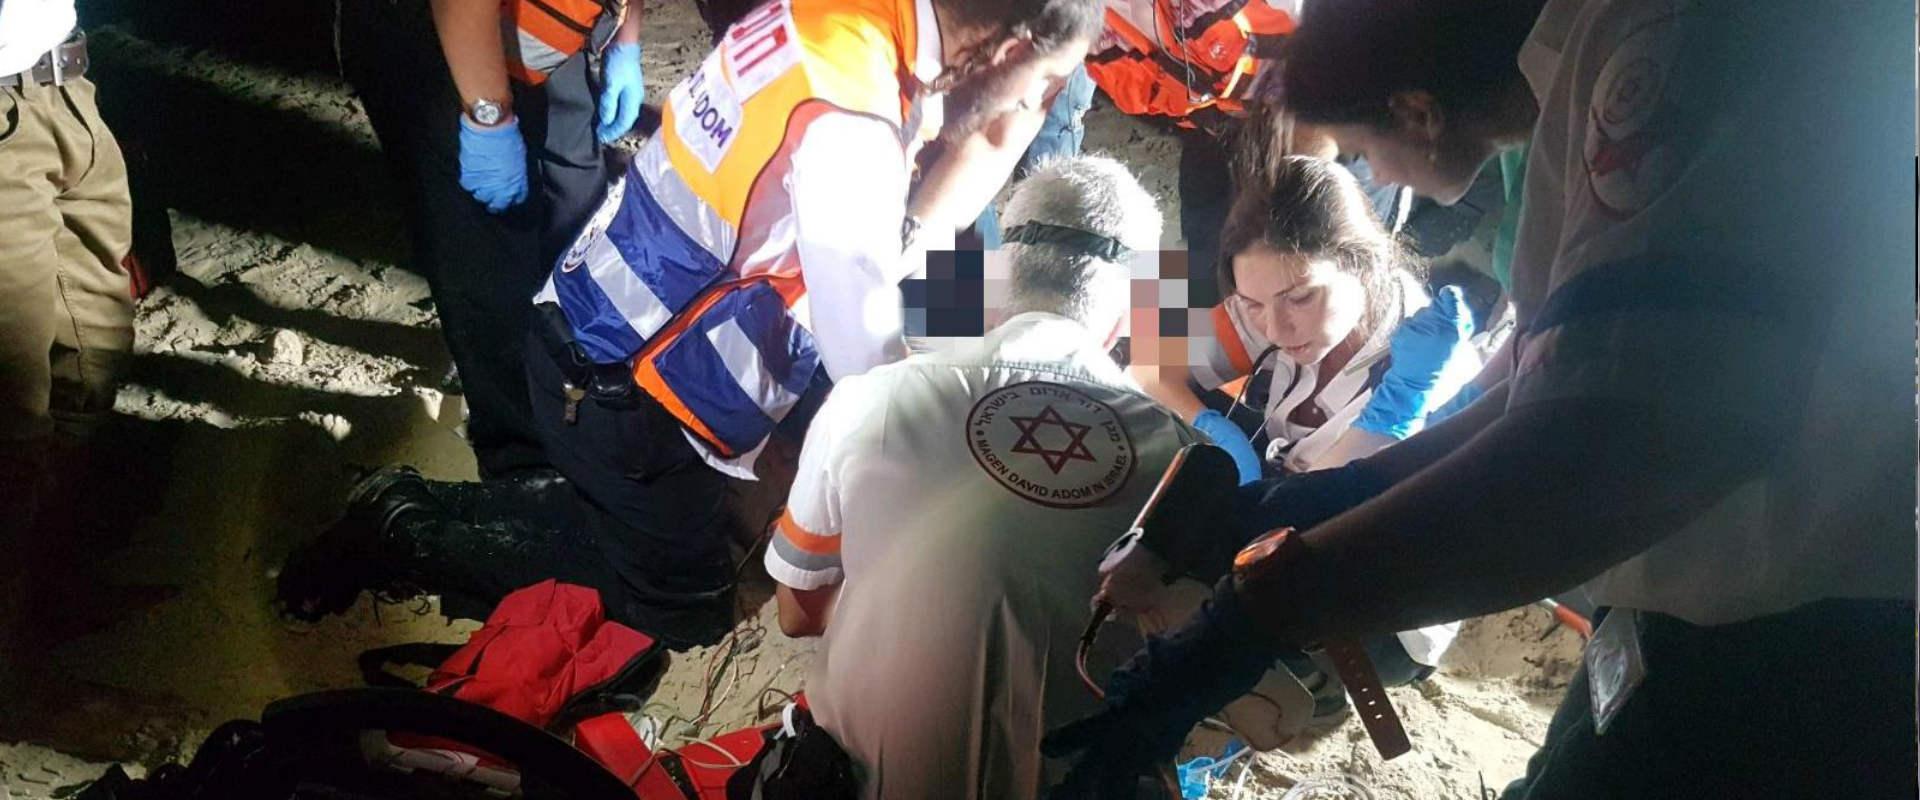 זירת נפילת הנער בחוף סירונית בנתניה